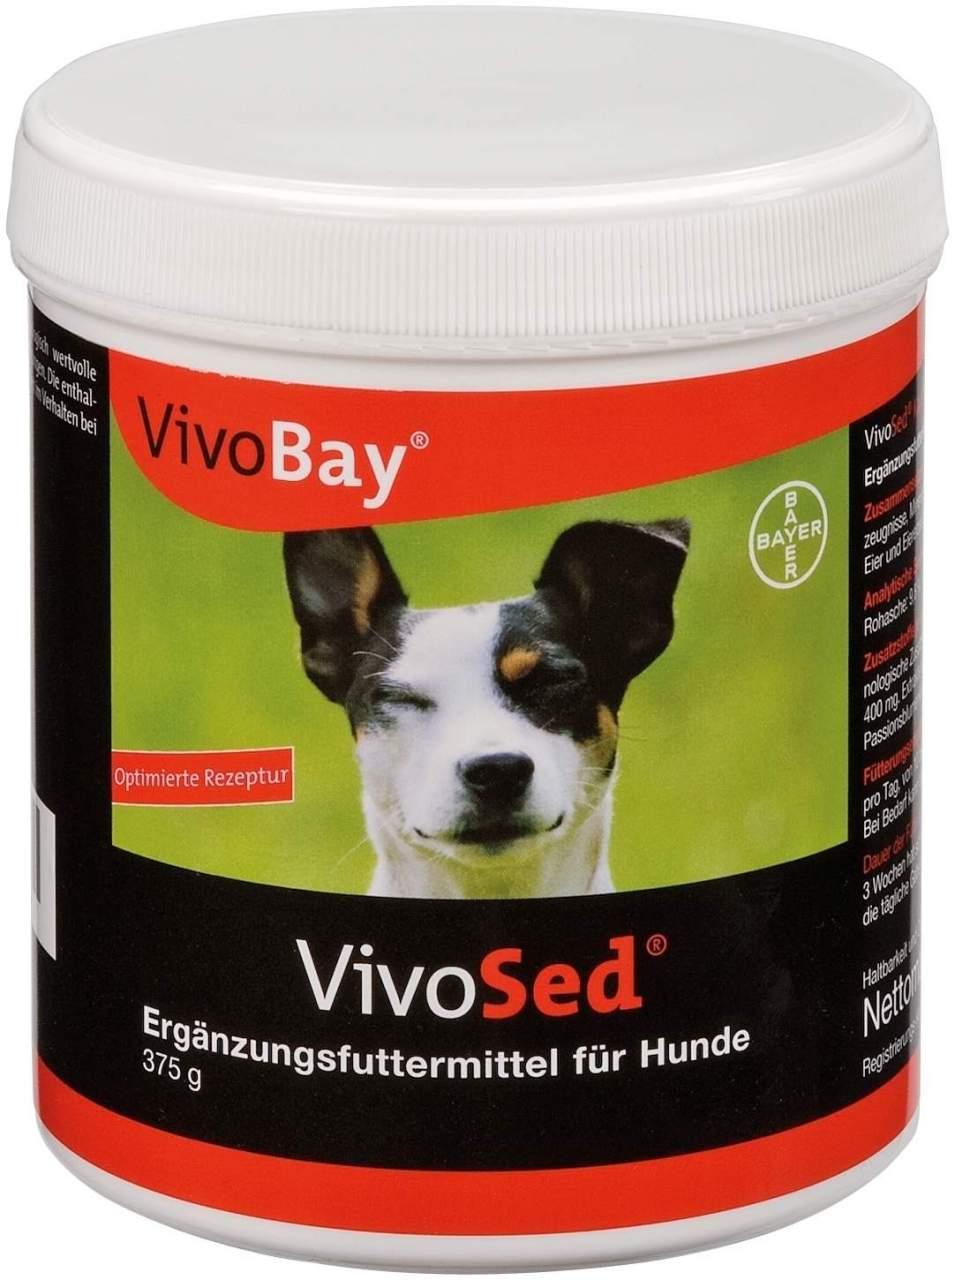 Vivobay Vivosed für Hunde Tabletten 150 Tabletten